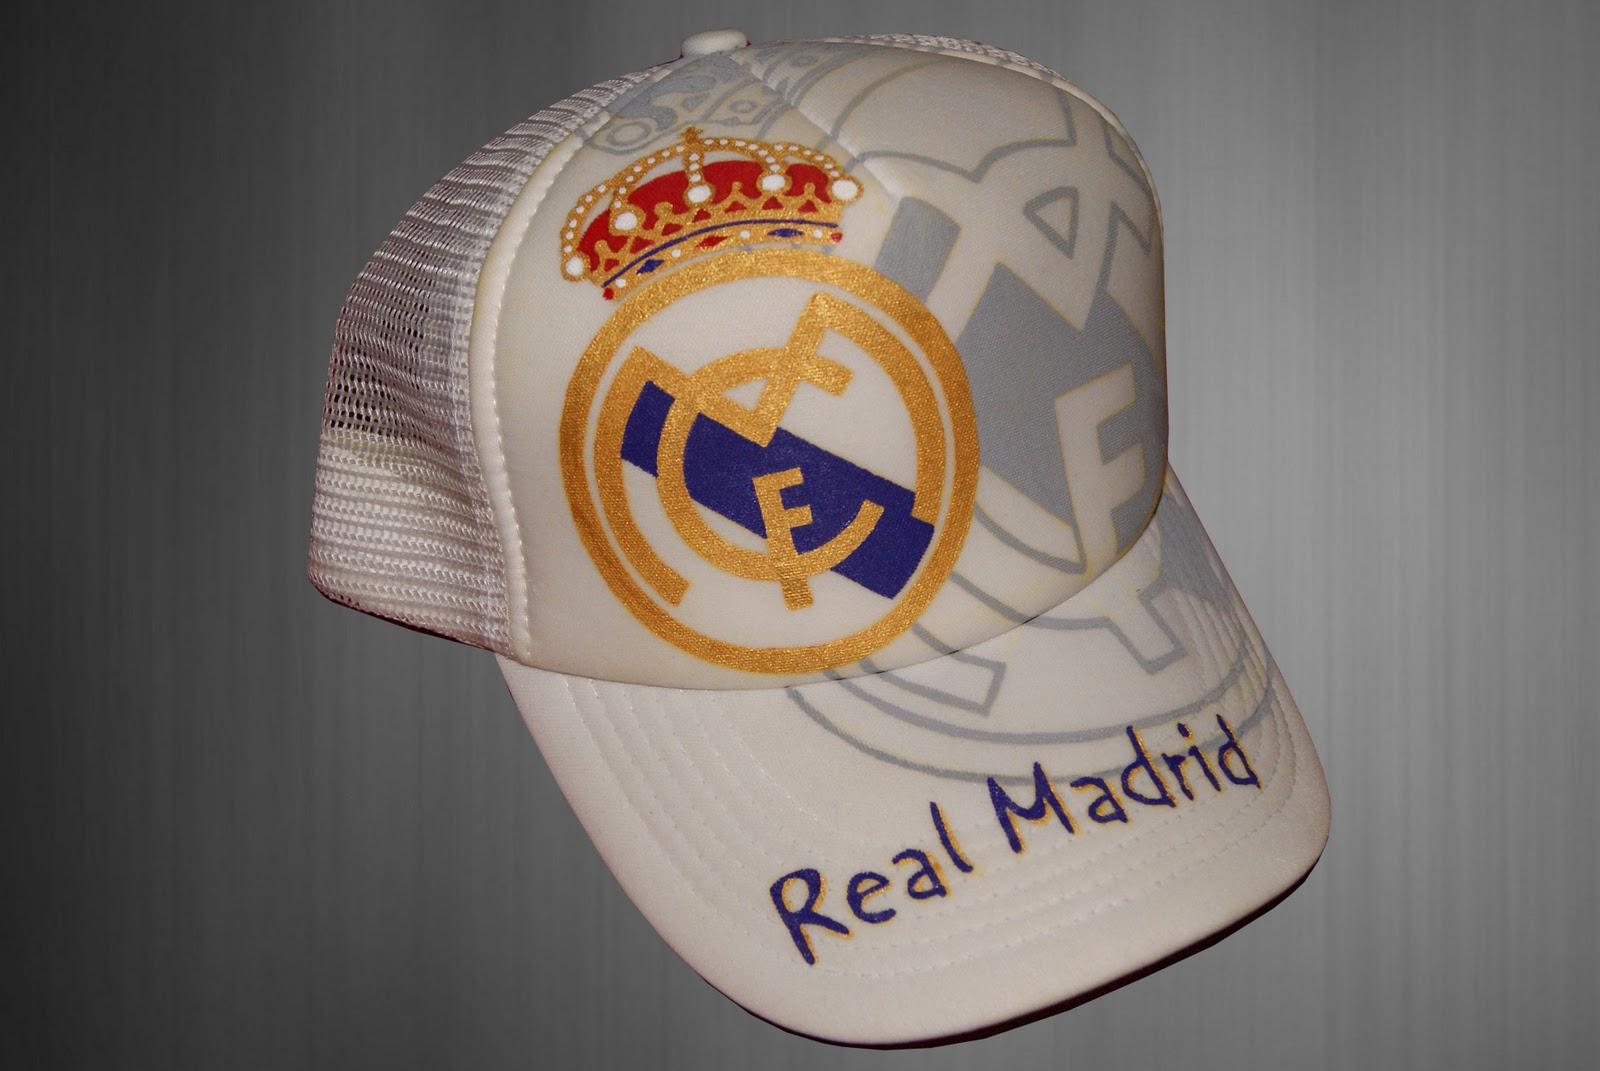 57c8384d45a Si eres aficionado del Real Madrid y te gustaría tener una gorra  personalizada con sus estrellas... ¡Échale un ojo a éstas que te proponemos  y diseña tu ...